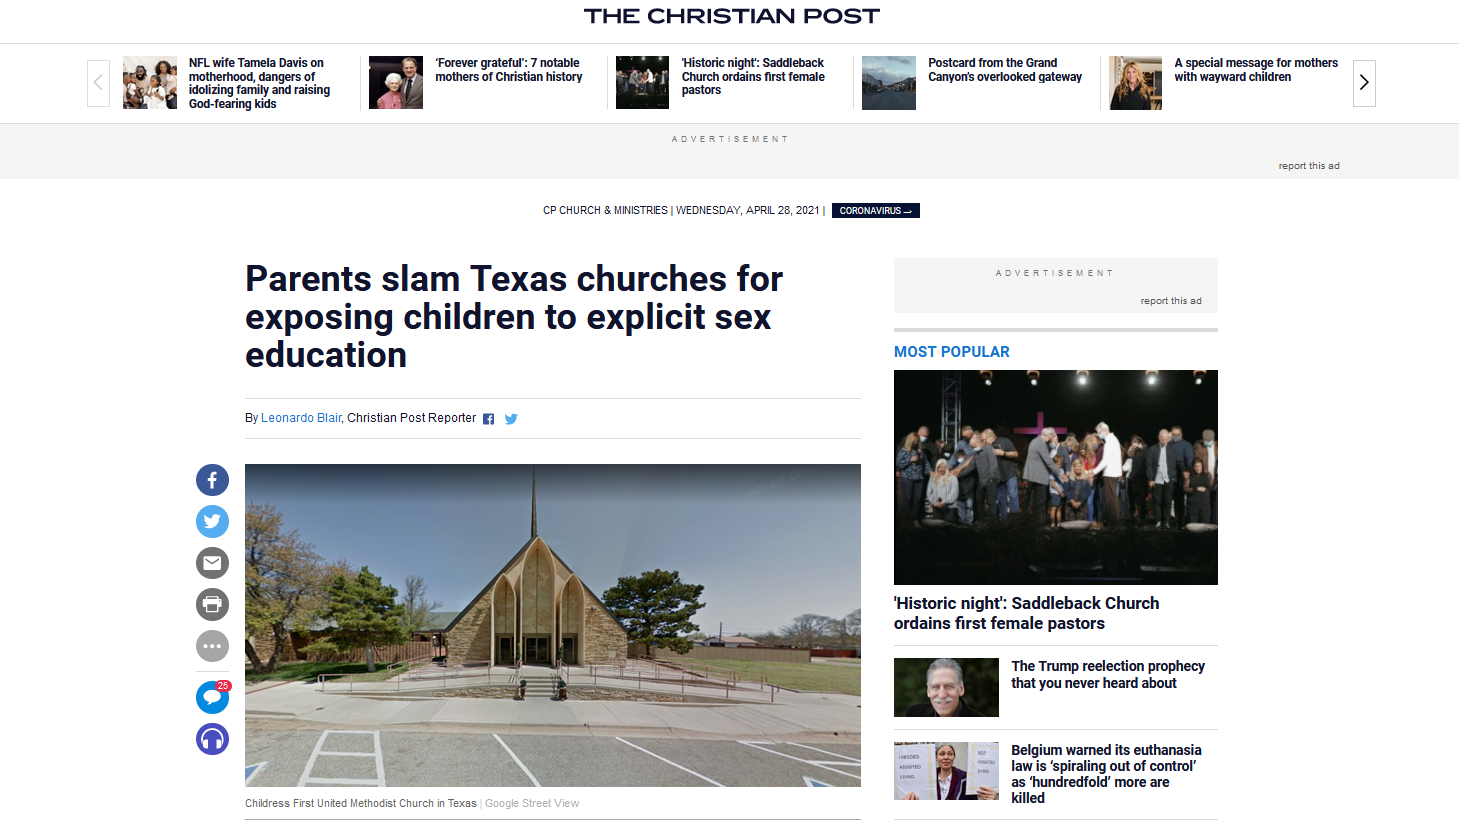 """Etats-Unis : Des églises donnent des leçons de sexe """"explicites"""" aux enfants à l'école du dimanche, les parents se révoltent"""